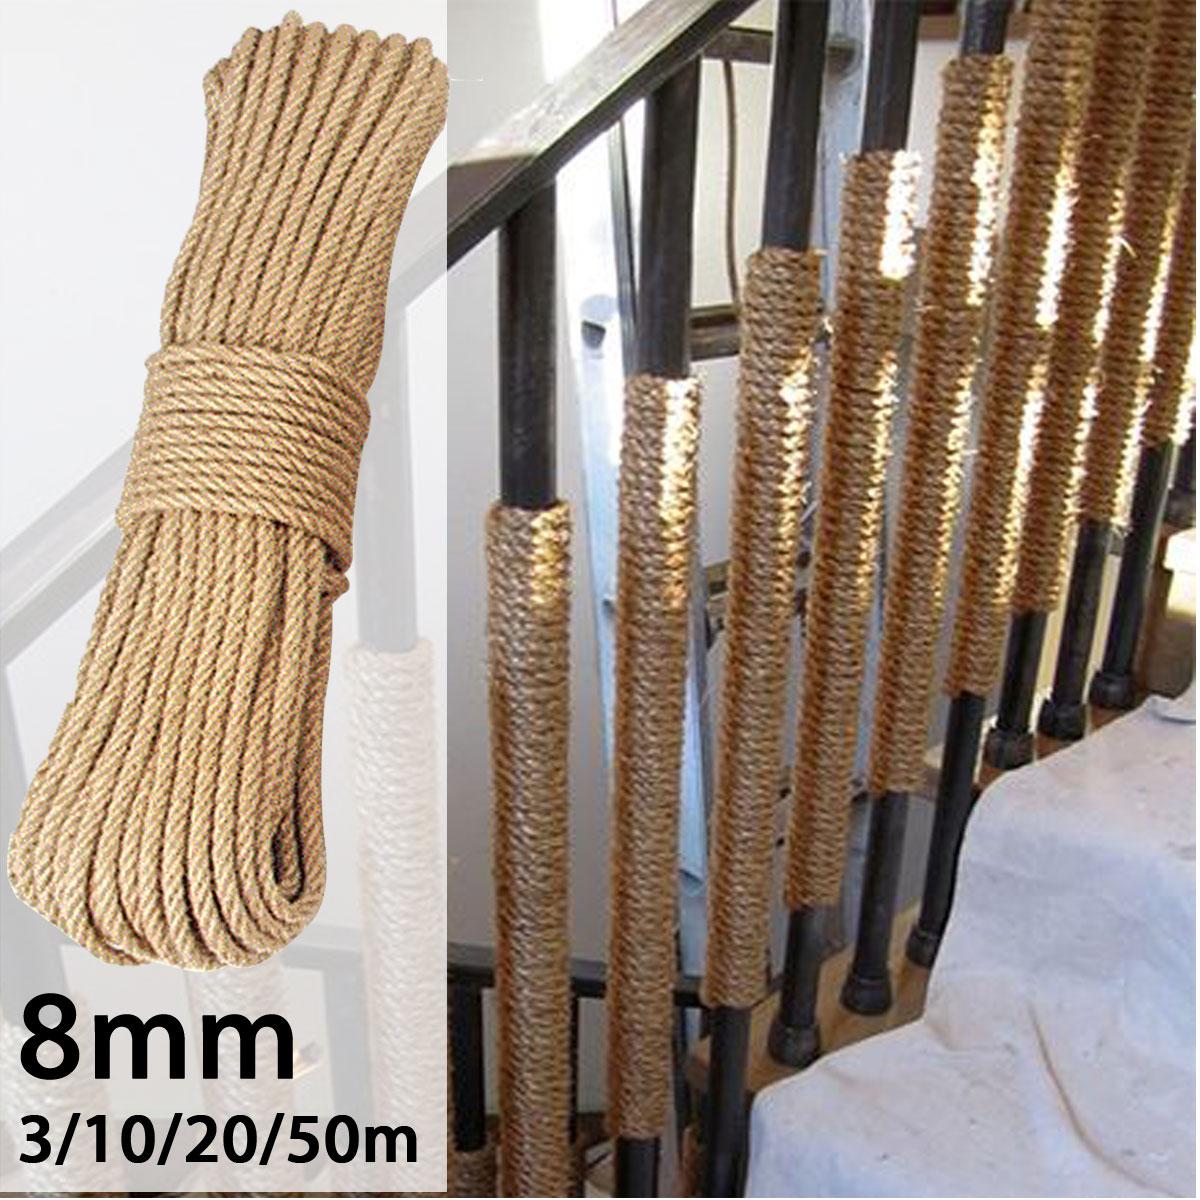 Main Courante Escalier Corde €4.62 30% de réduction|3 20m naturel jute corde ficelle corde à la main  jute chanvre ficelle ficelle pour bricolage artisanat décoration emballage